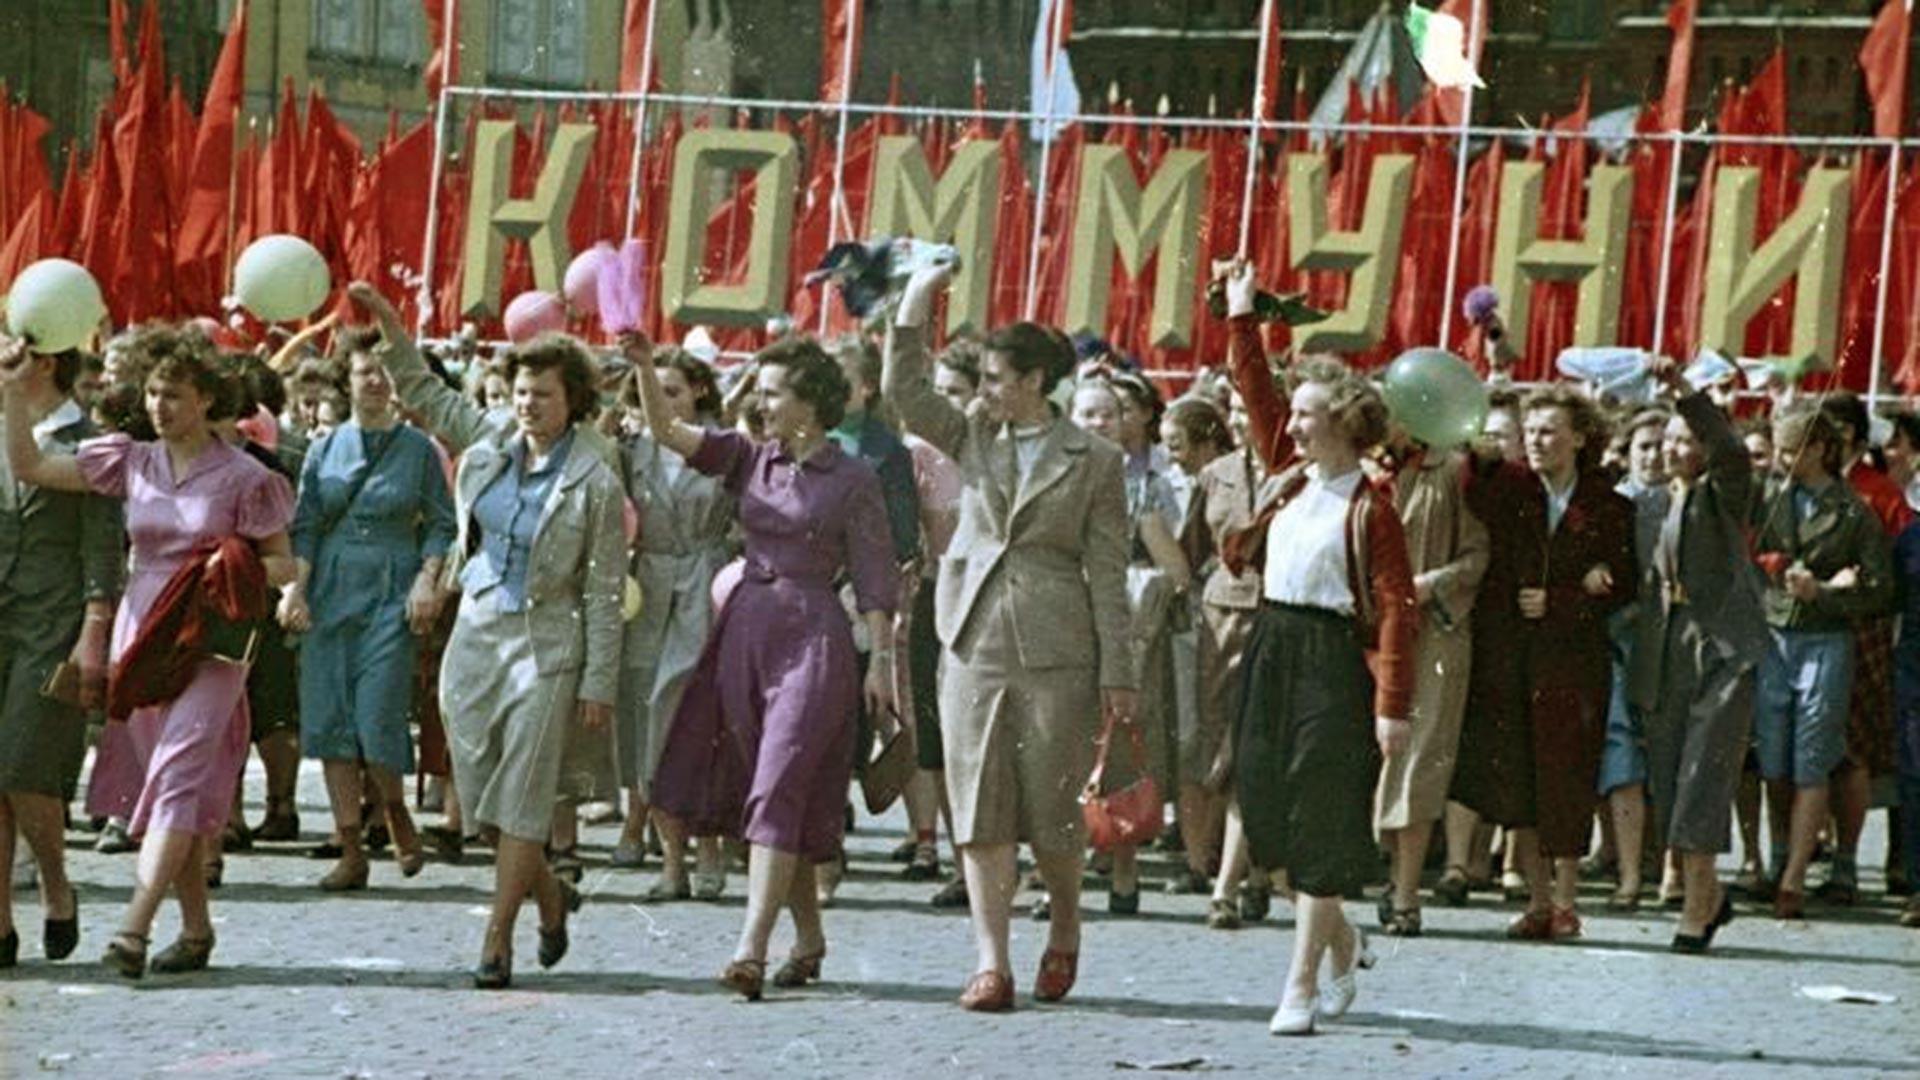 Jeunes filles soviétiques dans les rangs des manifestants, 1950